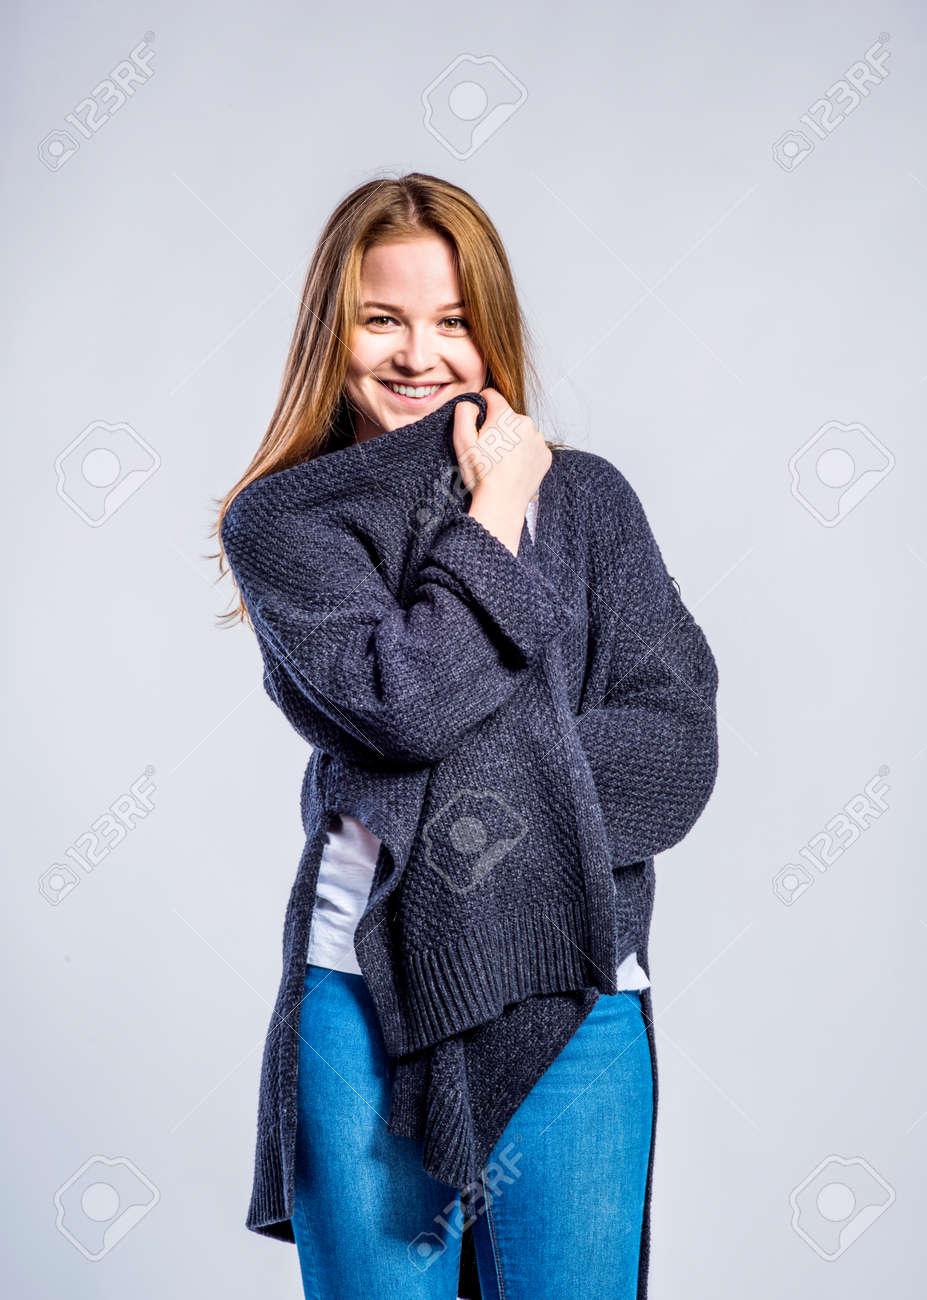 Estudio Del Sobre Vaqueros Un Gris Adolescente Y Fondo LargoMujer En Suéter Pantalones JovenTiro CxBeroWd